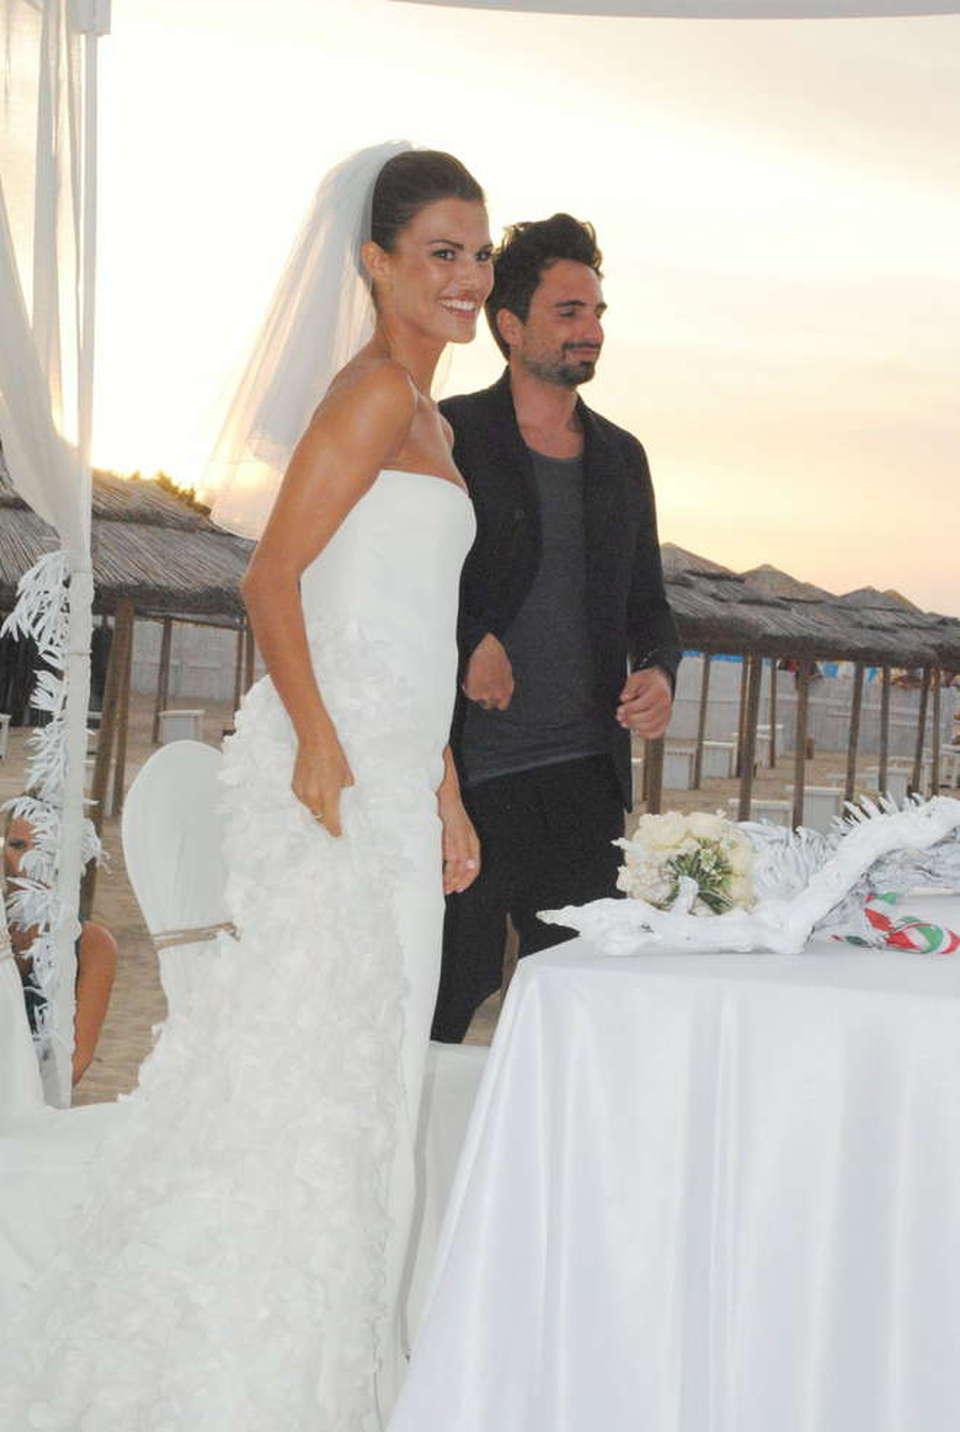 Matrimonio In Spiaggia Taranto : Bianca guaccero e dario acocella matrimonio sulla